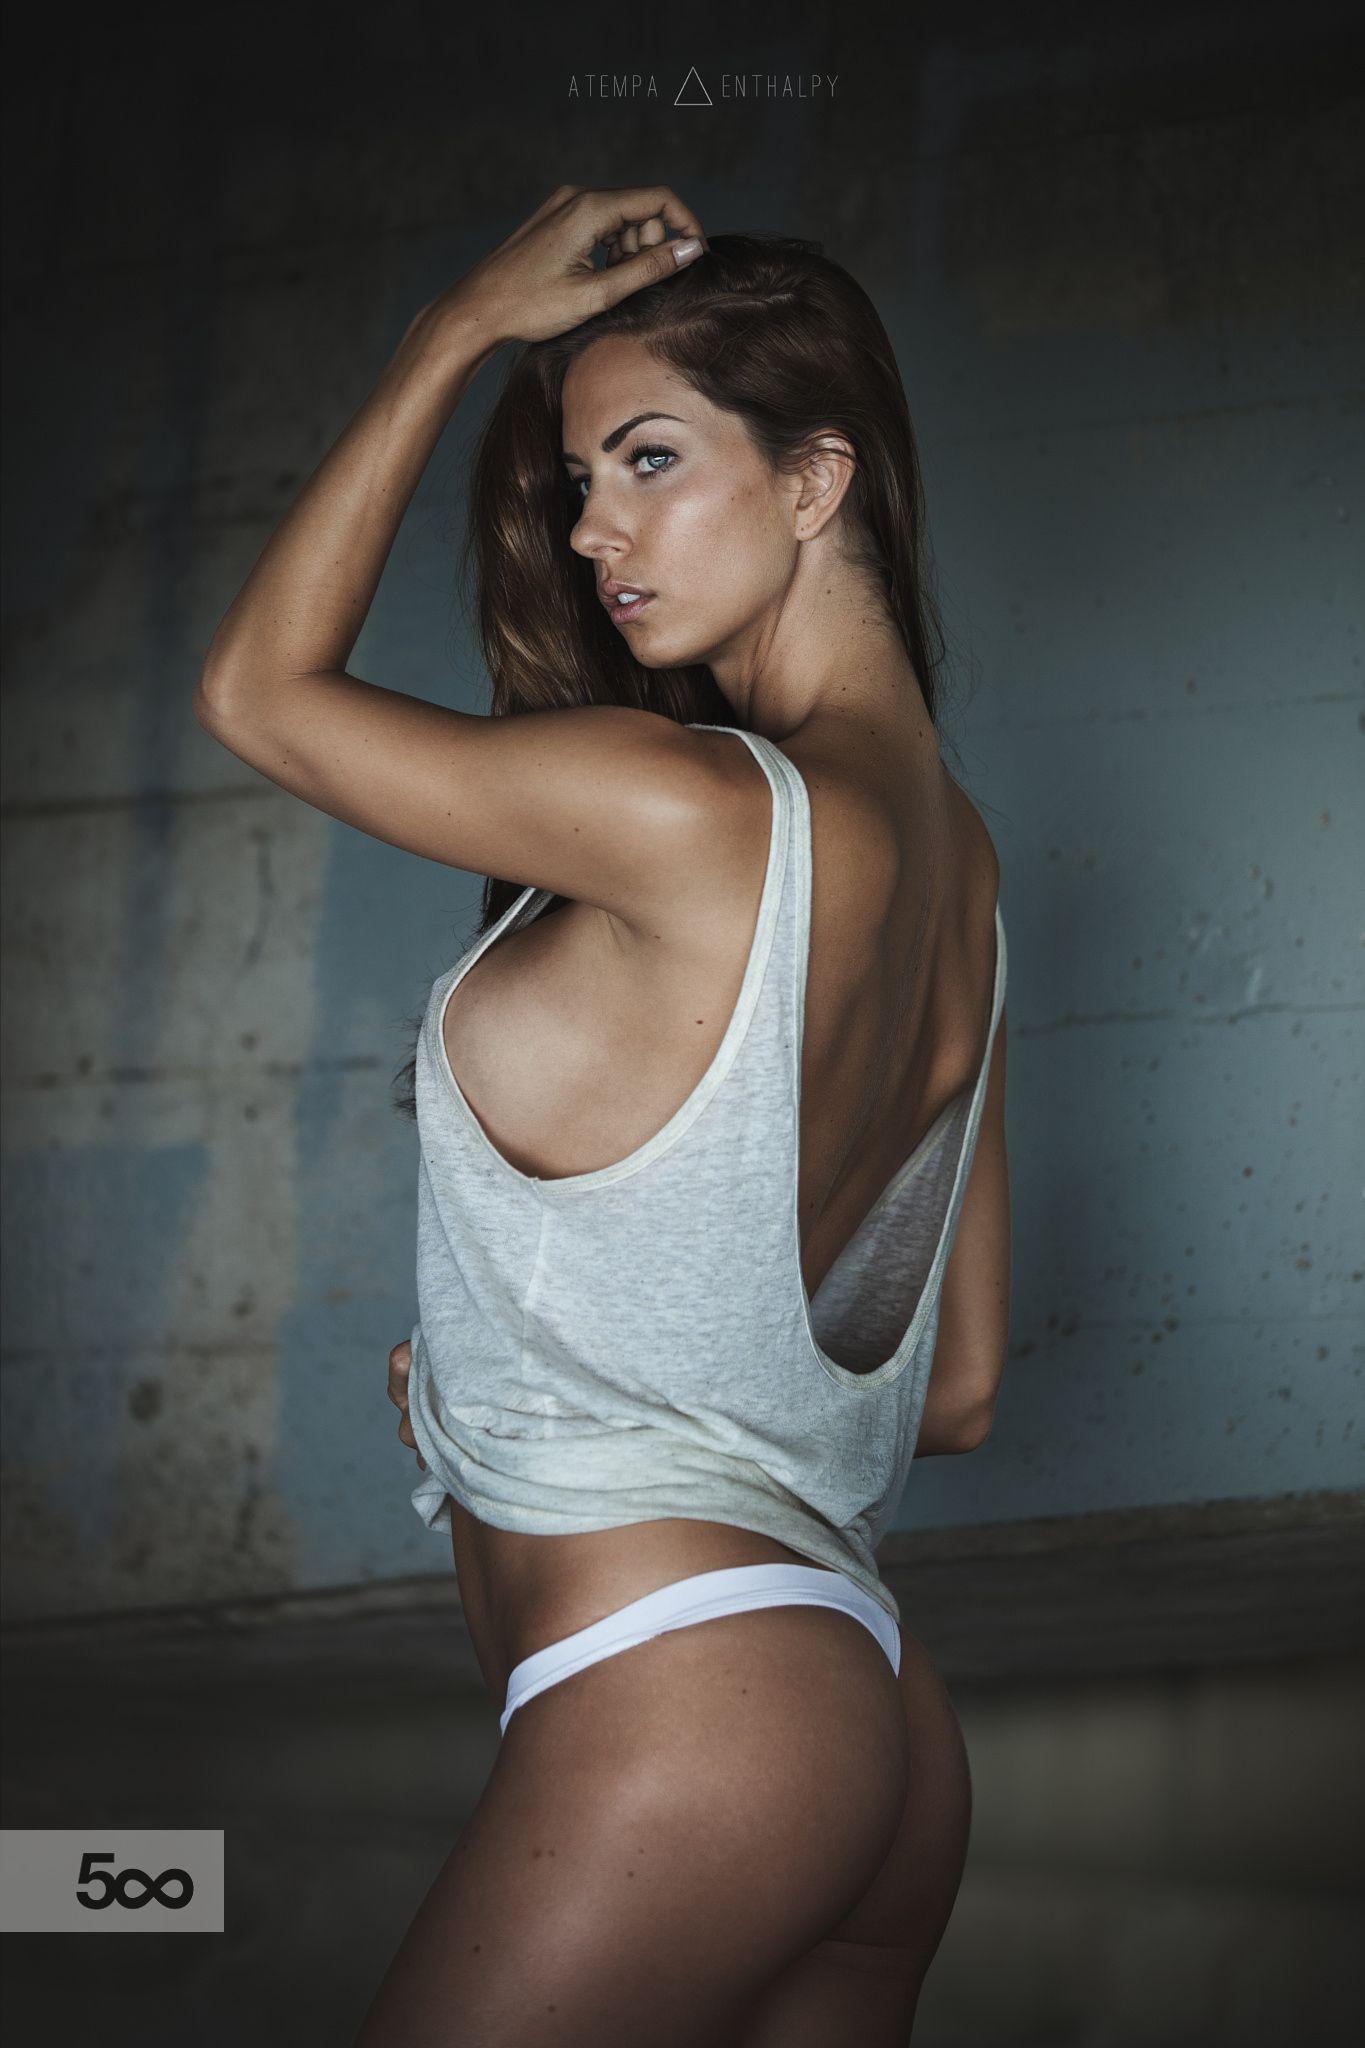 facebook Sexiest women